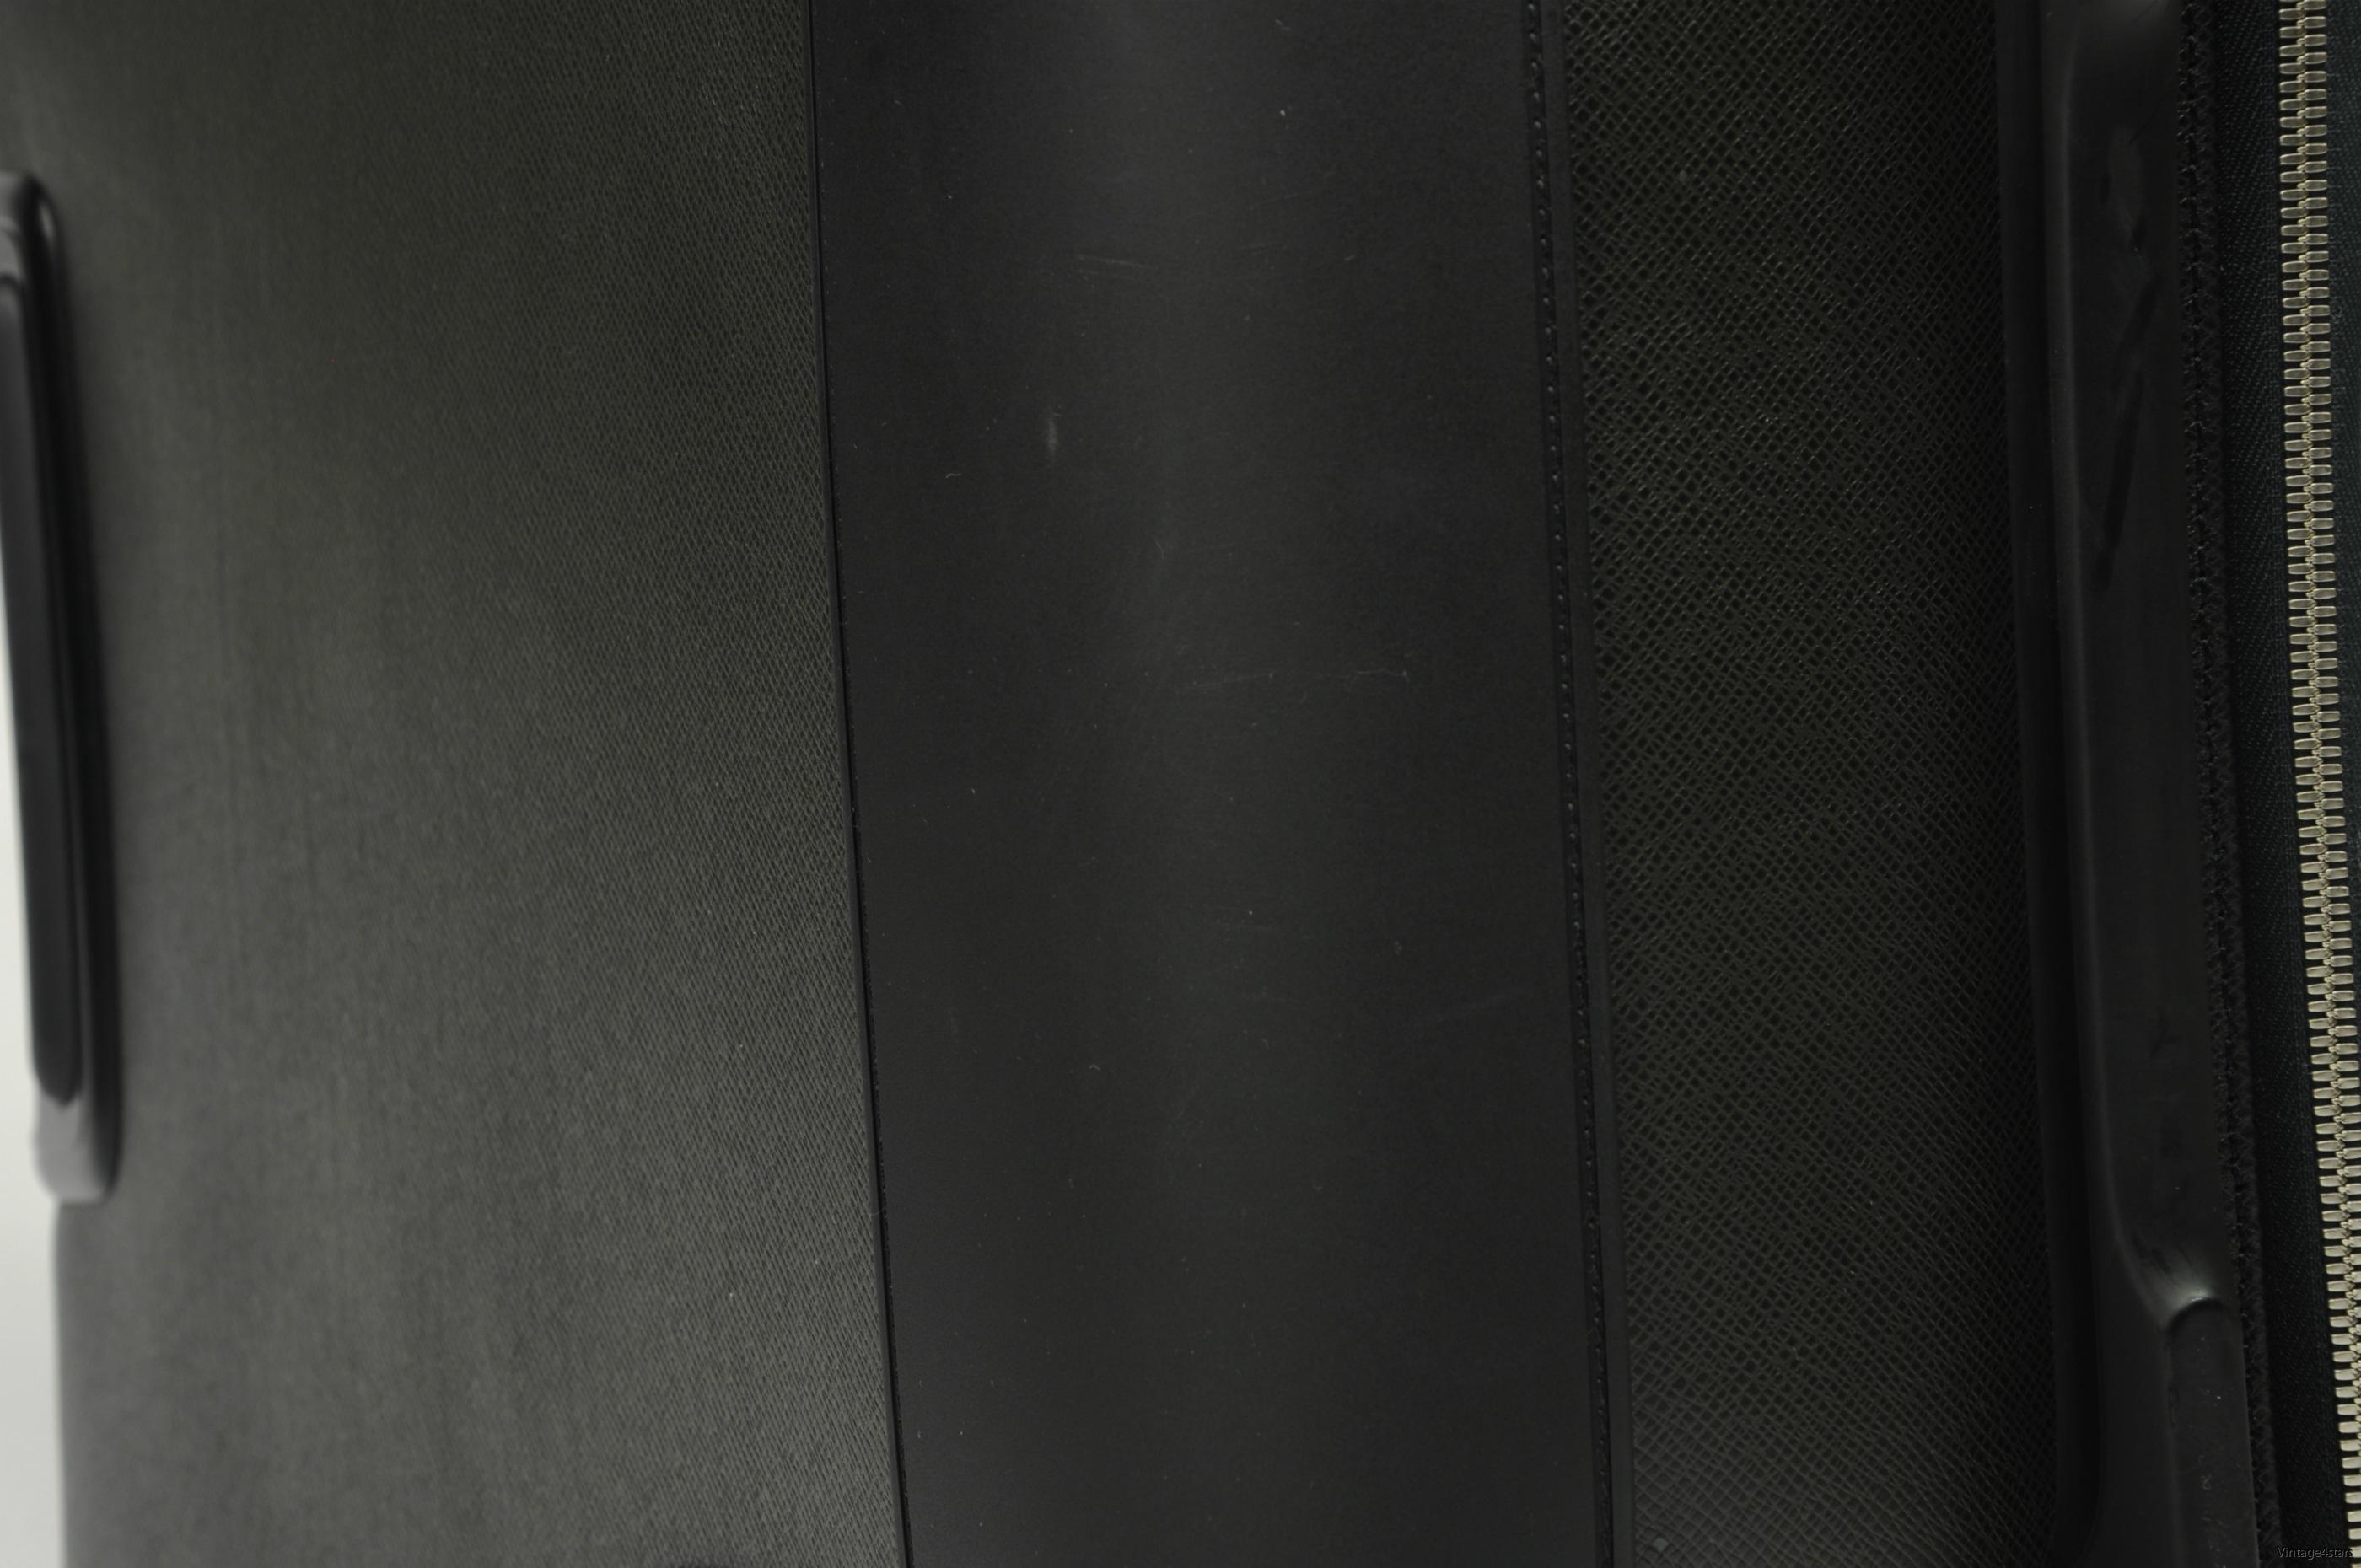 Louis Vuitton Pegase 55 Taiga Ardoise 10